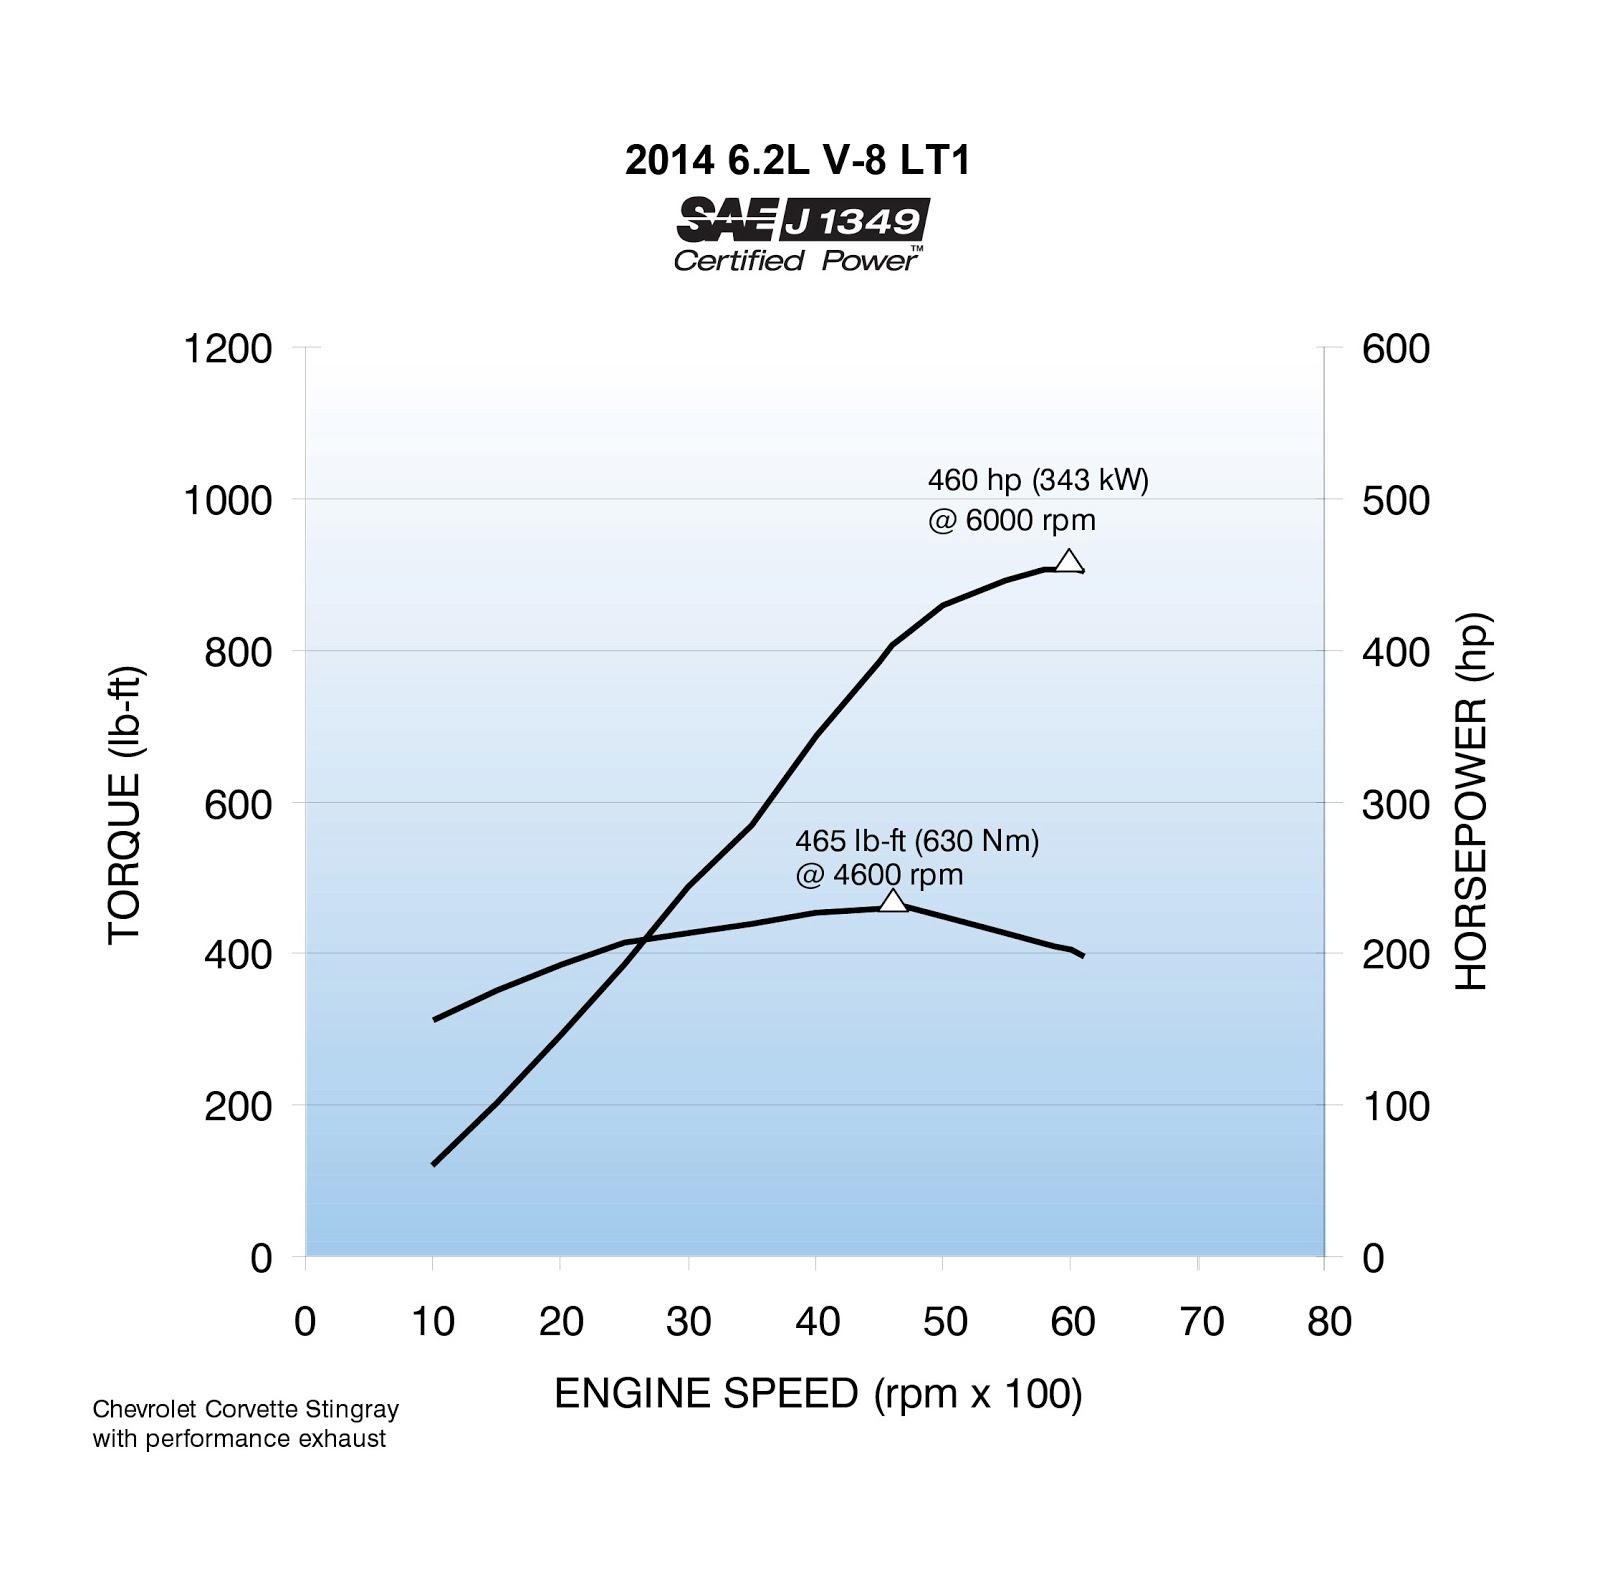 Chevy Lt1 Engine Technology From The C7 Corvette Stingray: 2014 Corvette Stingray Makes 460 Hp